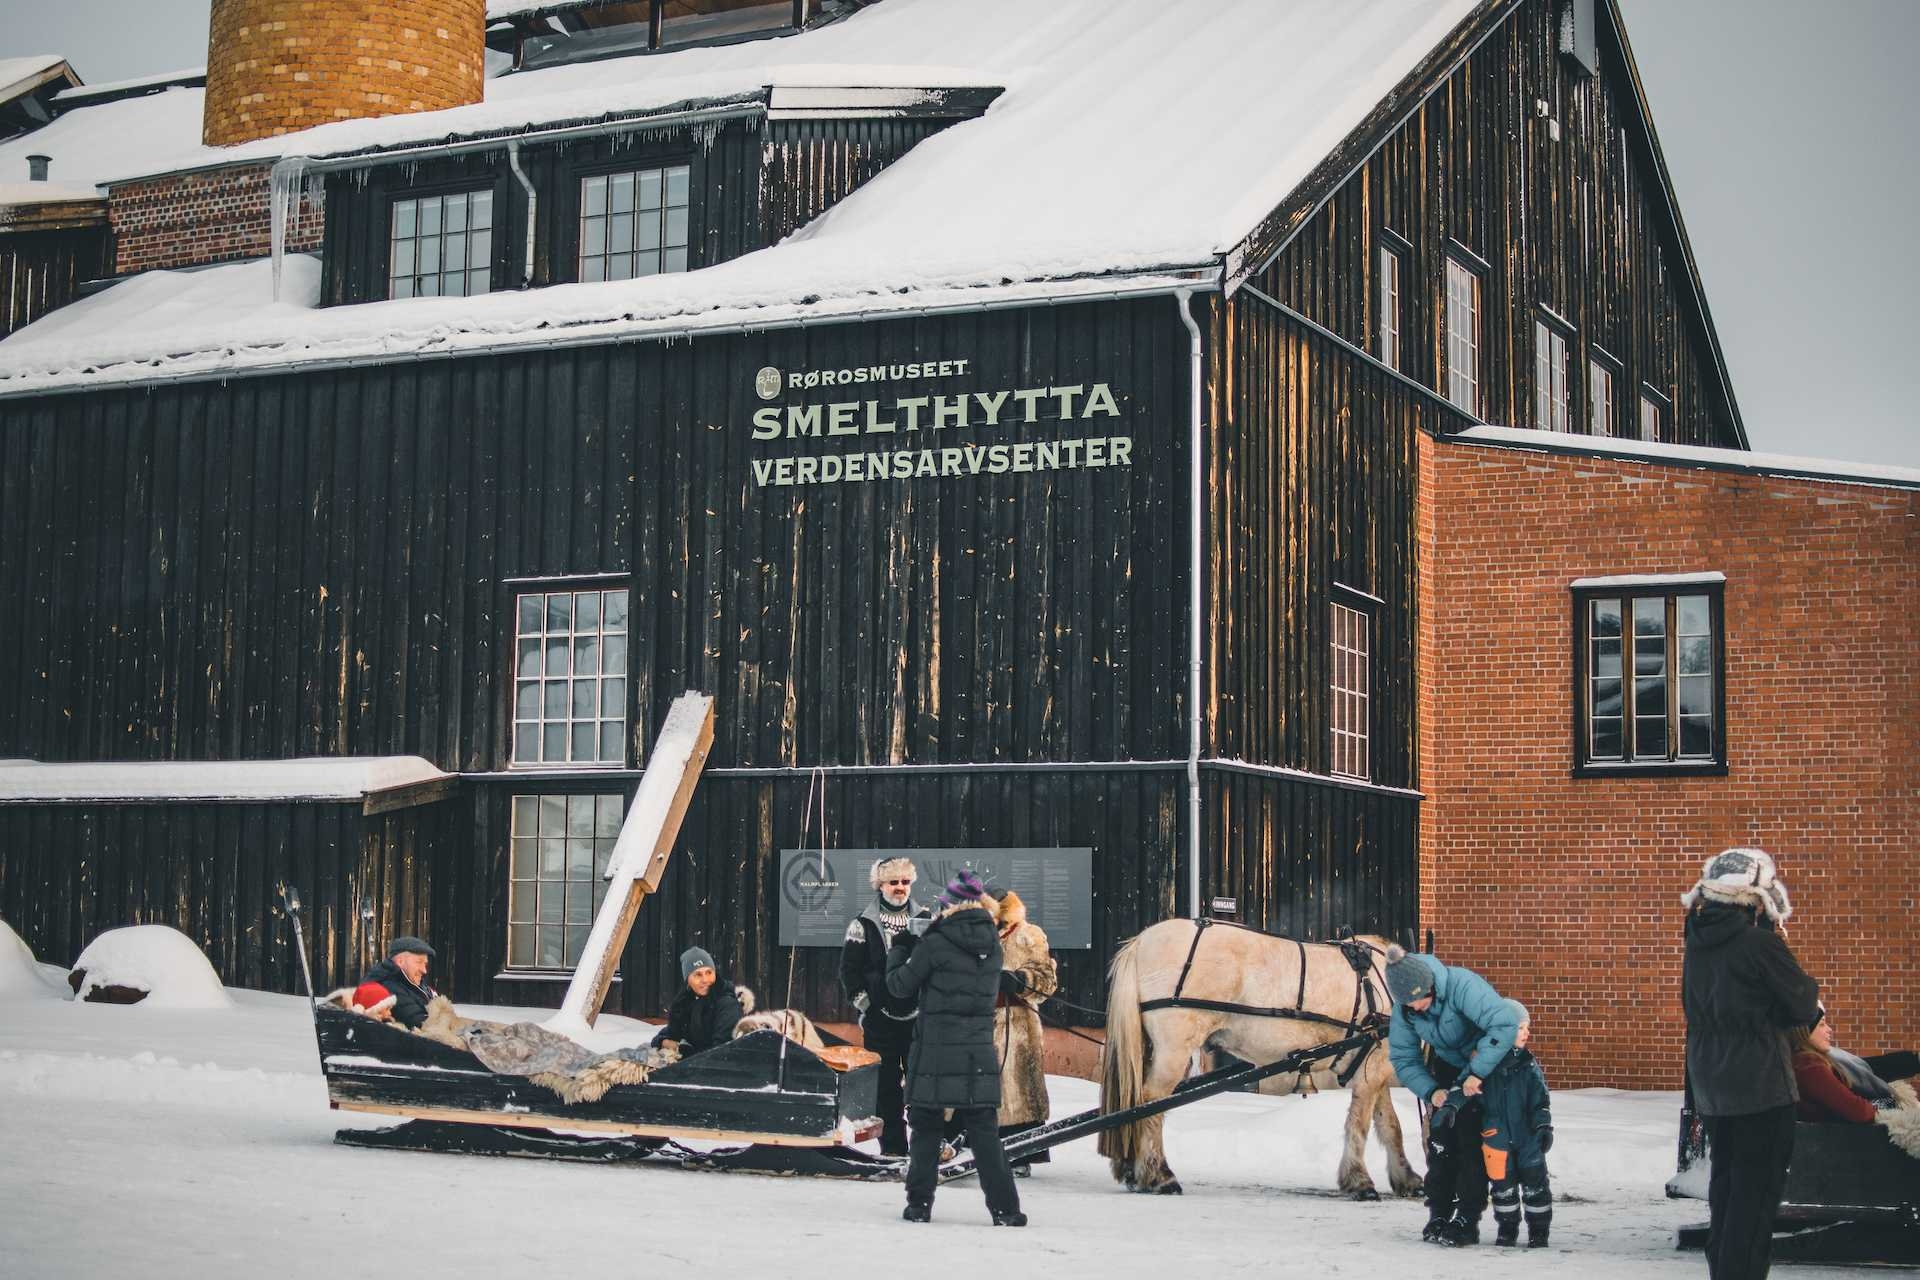 muzeum Røros Norwegia